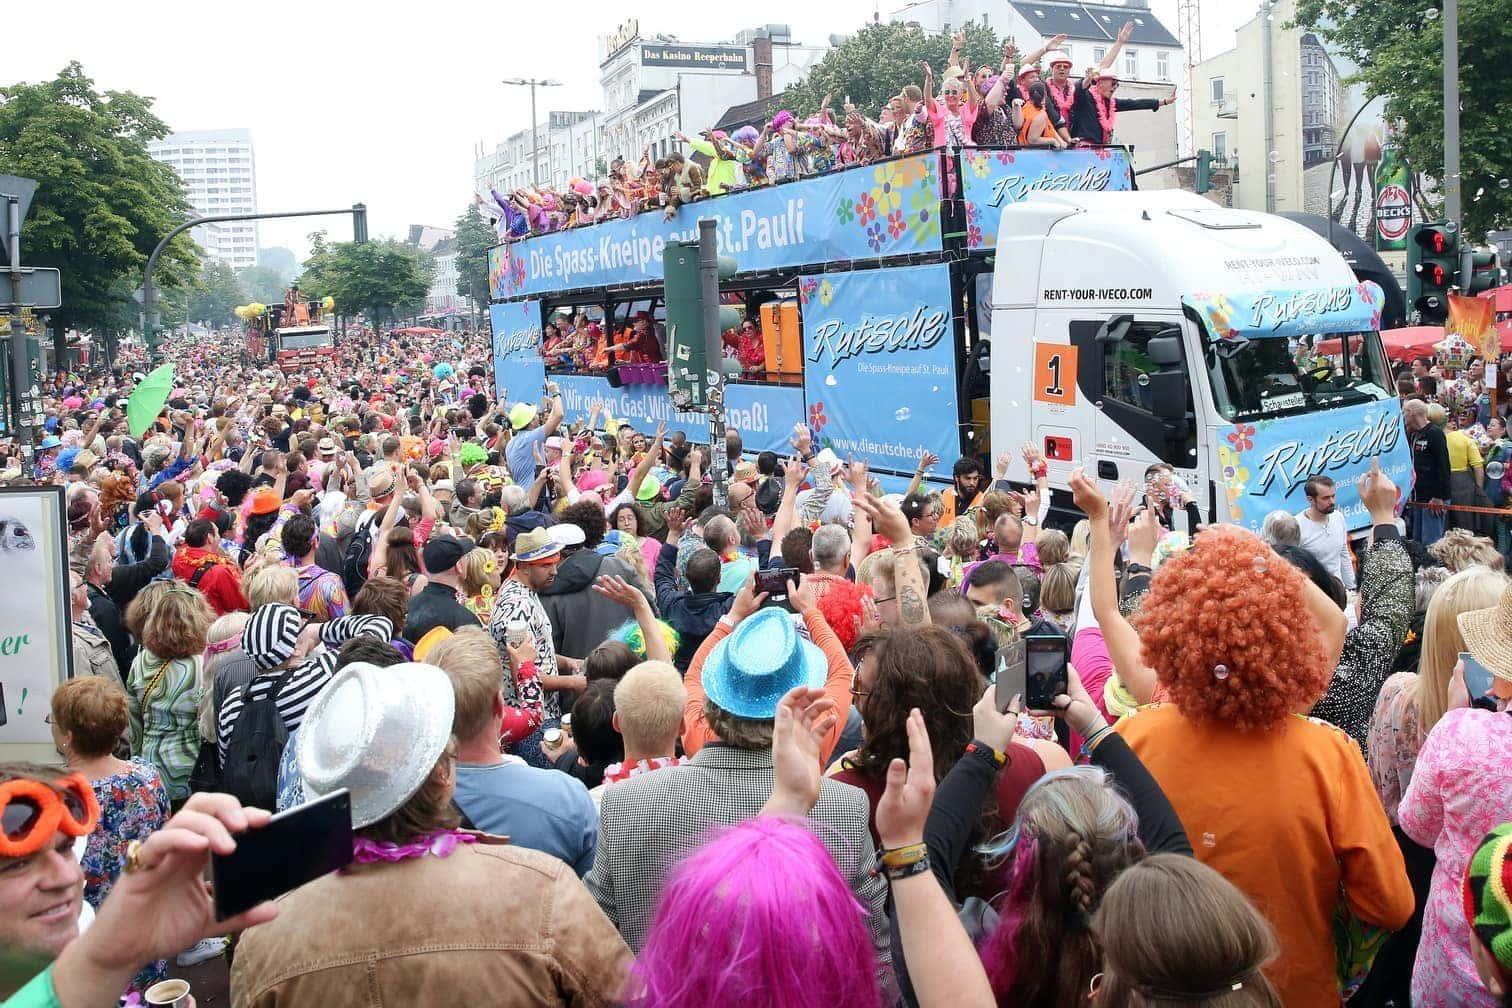 großen Sonnenbrillen und Schlaghosen haben zumeist jüngere Fans 46 Trucks mit aufgebauten Musikanlagen zugejubelt